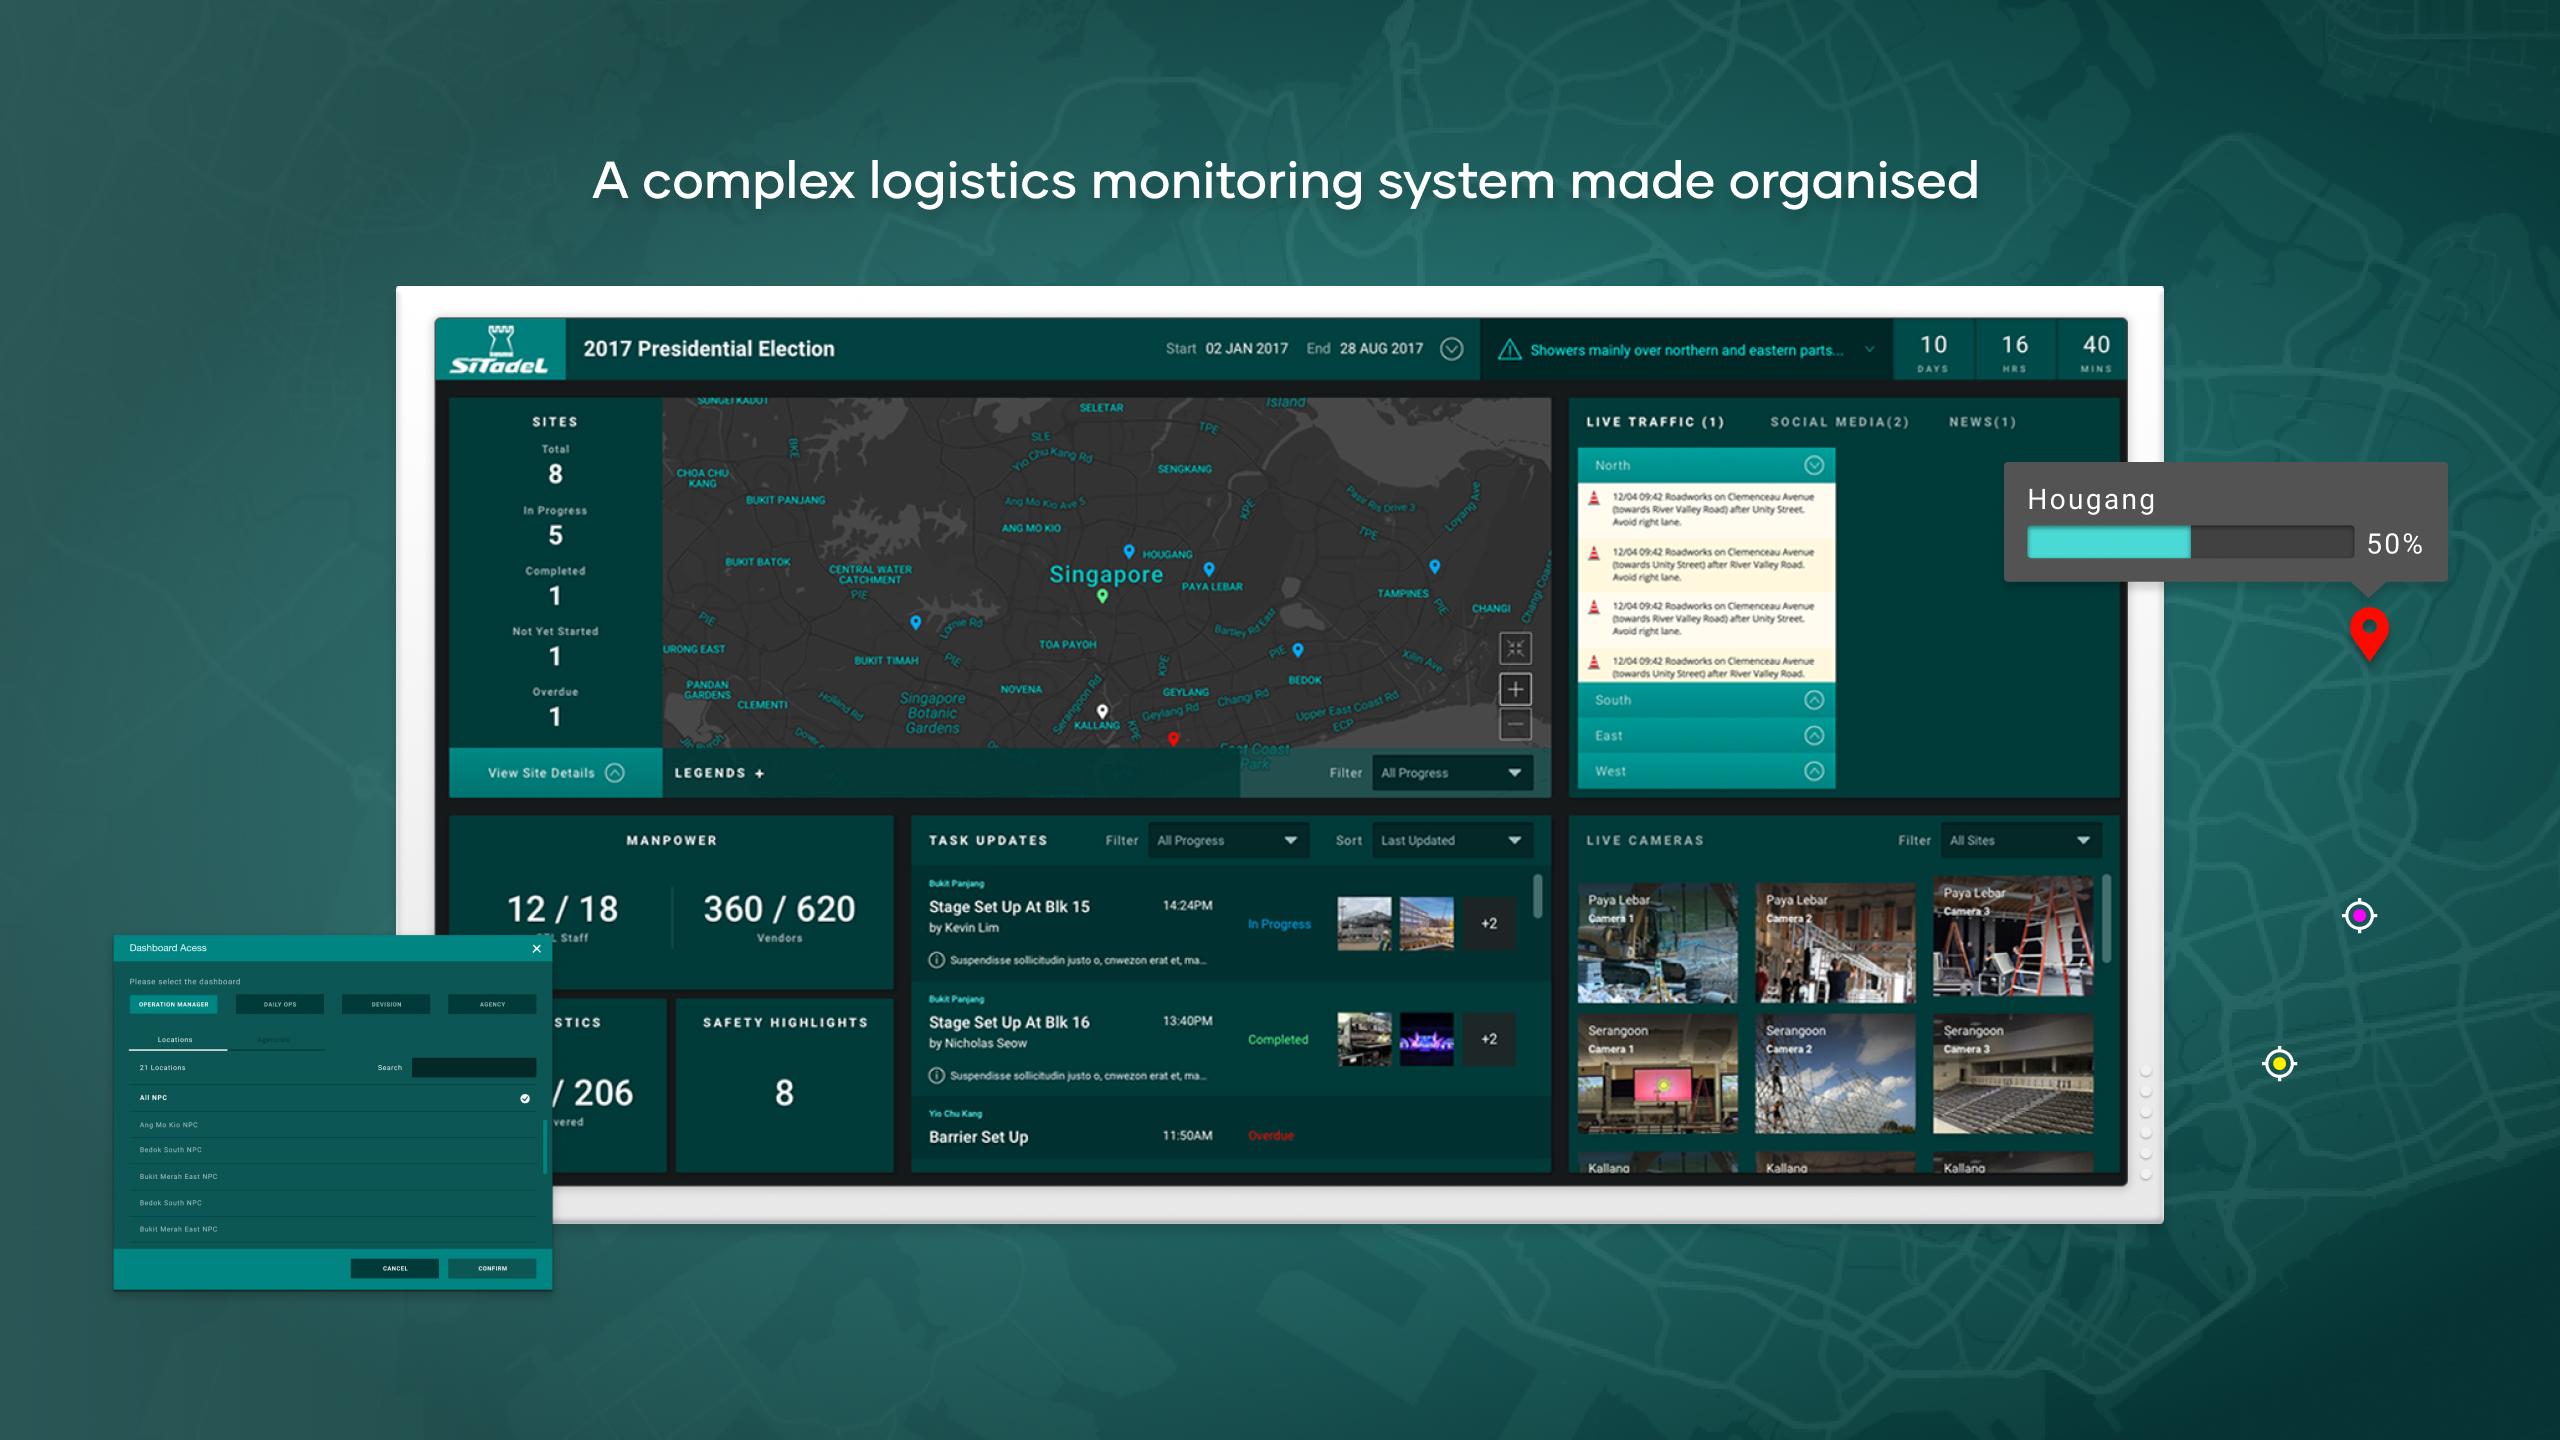 ST Logistics - portfolio mockup case study